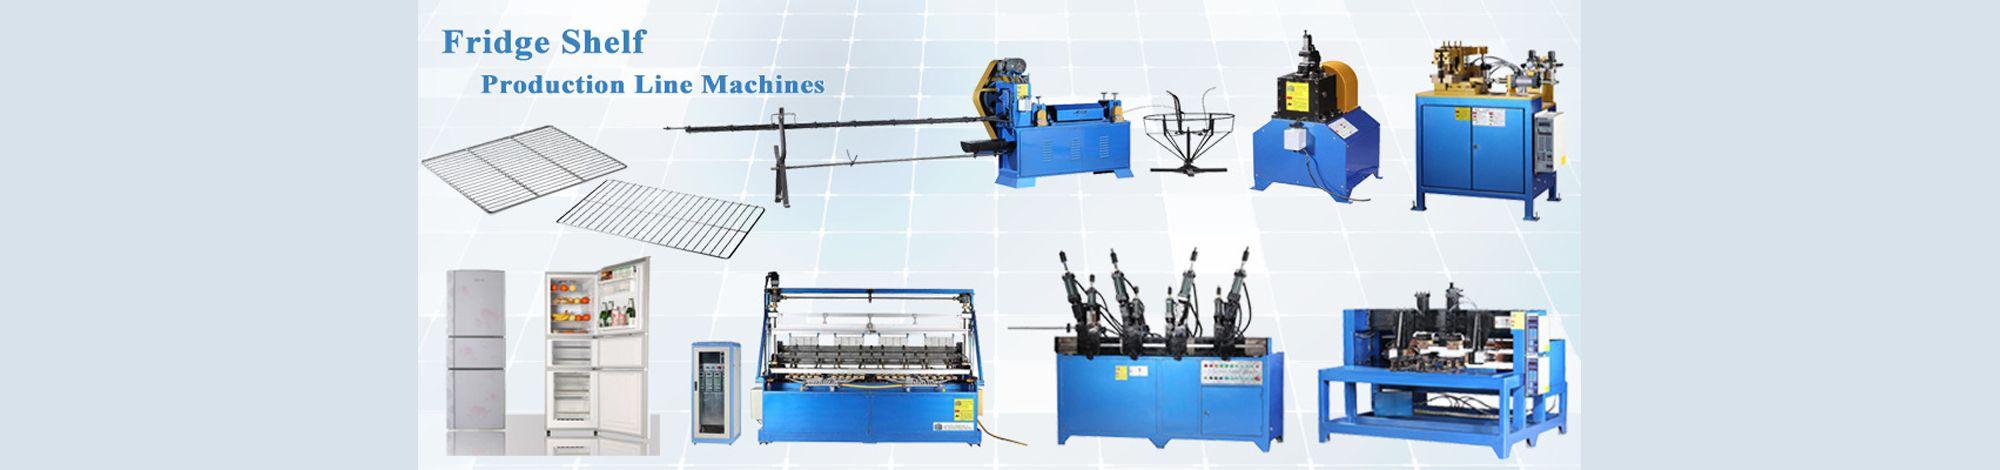 惠州市德力焊接设备有限公司